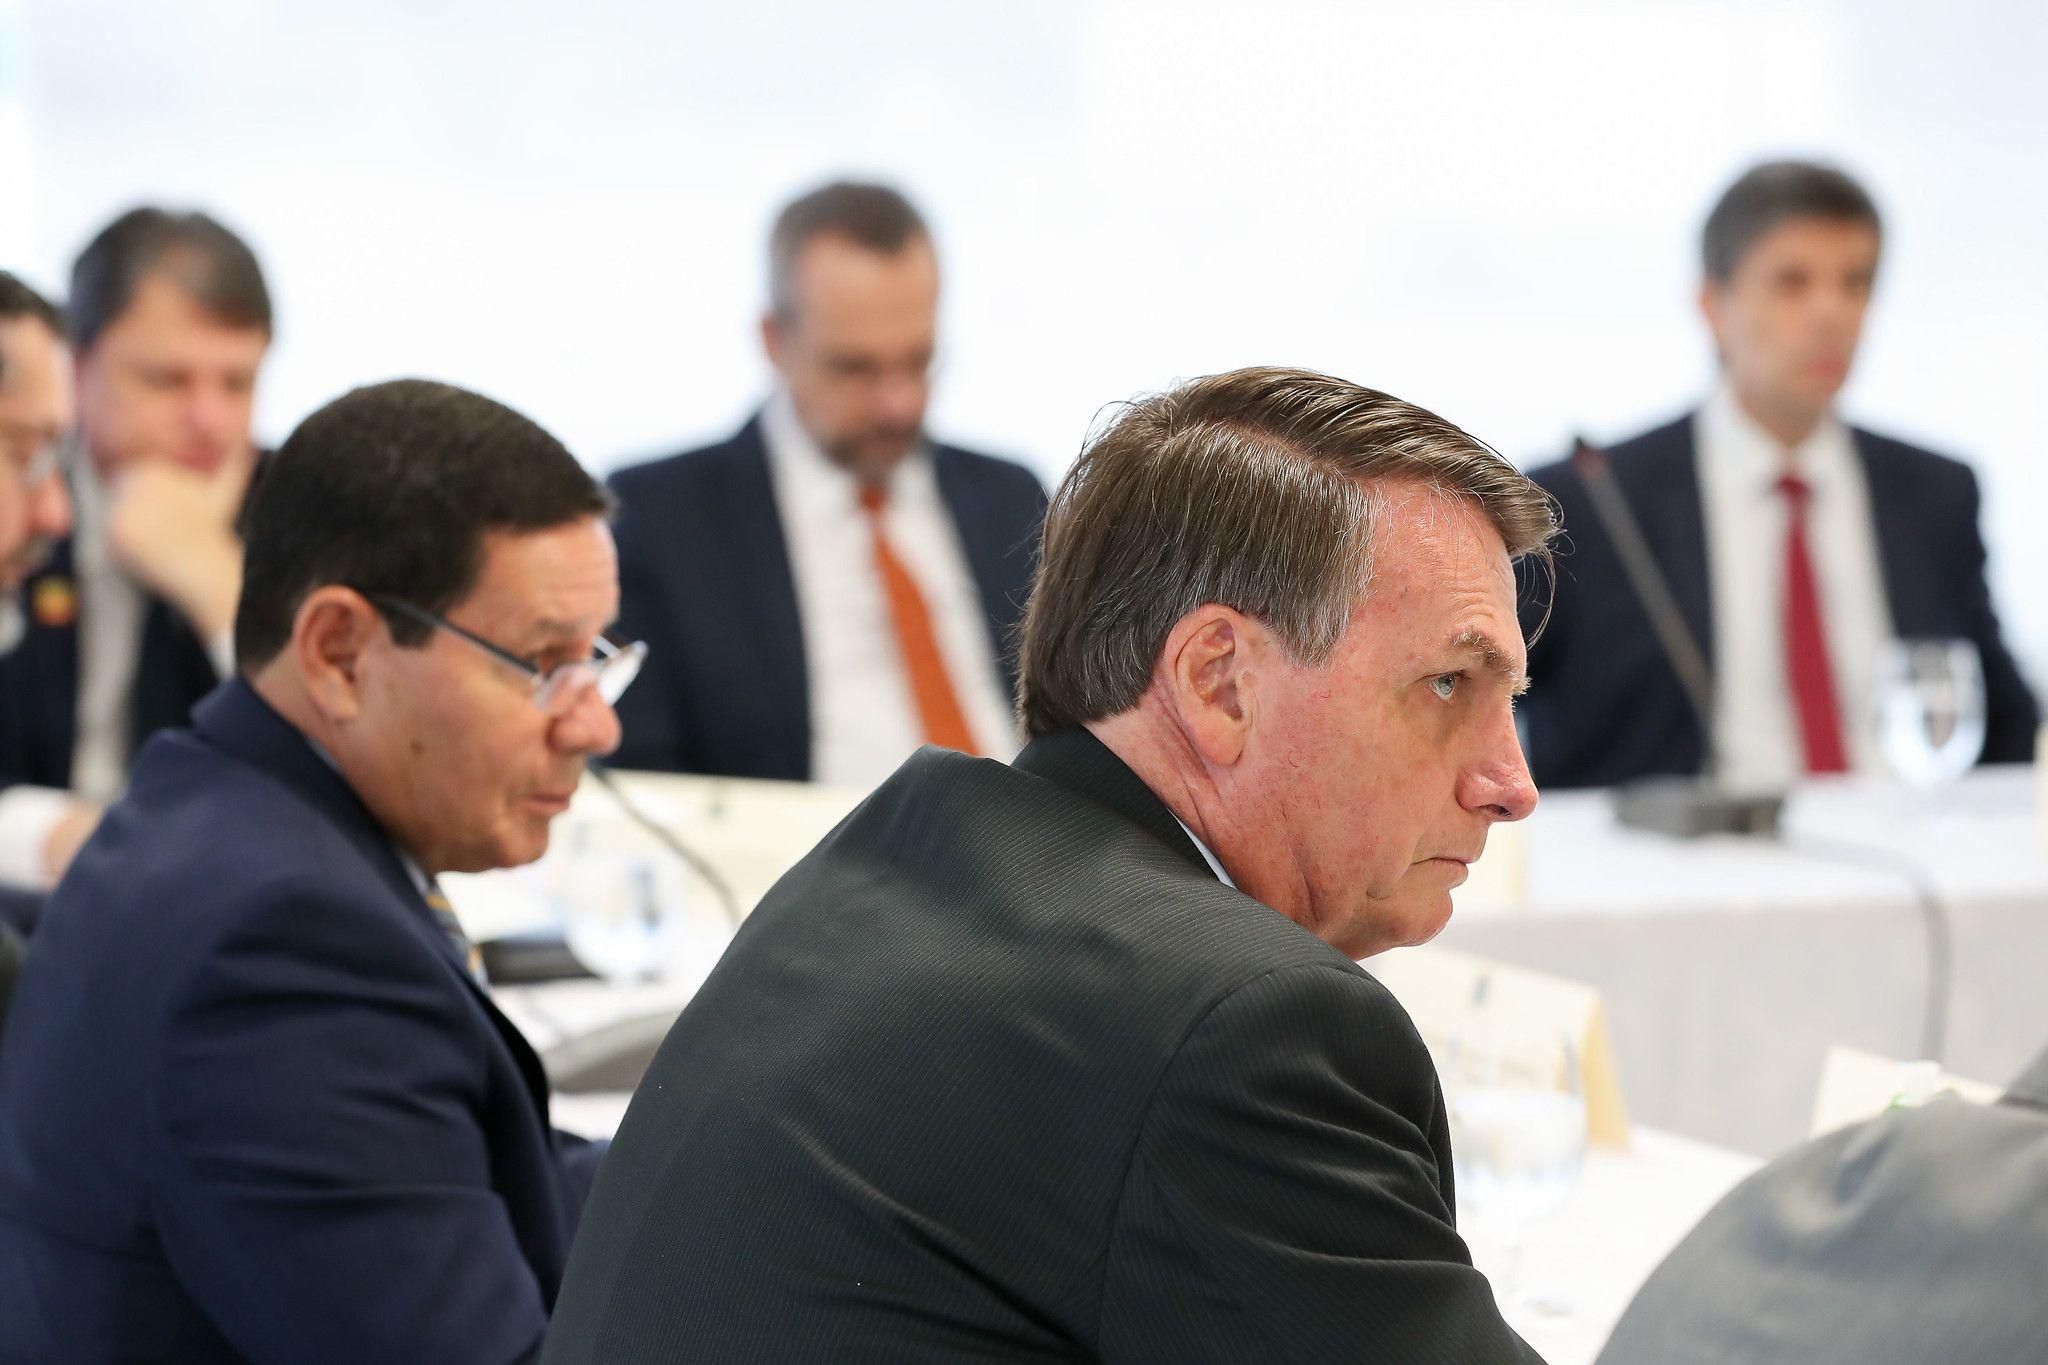 Vídeo de reunião ministerial revela ofensas diretas a adversários, com xingamentos e palavrões